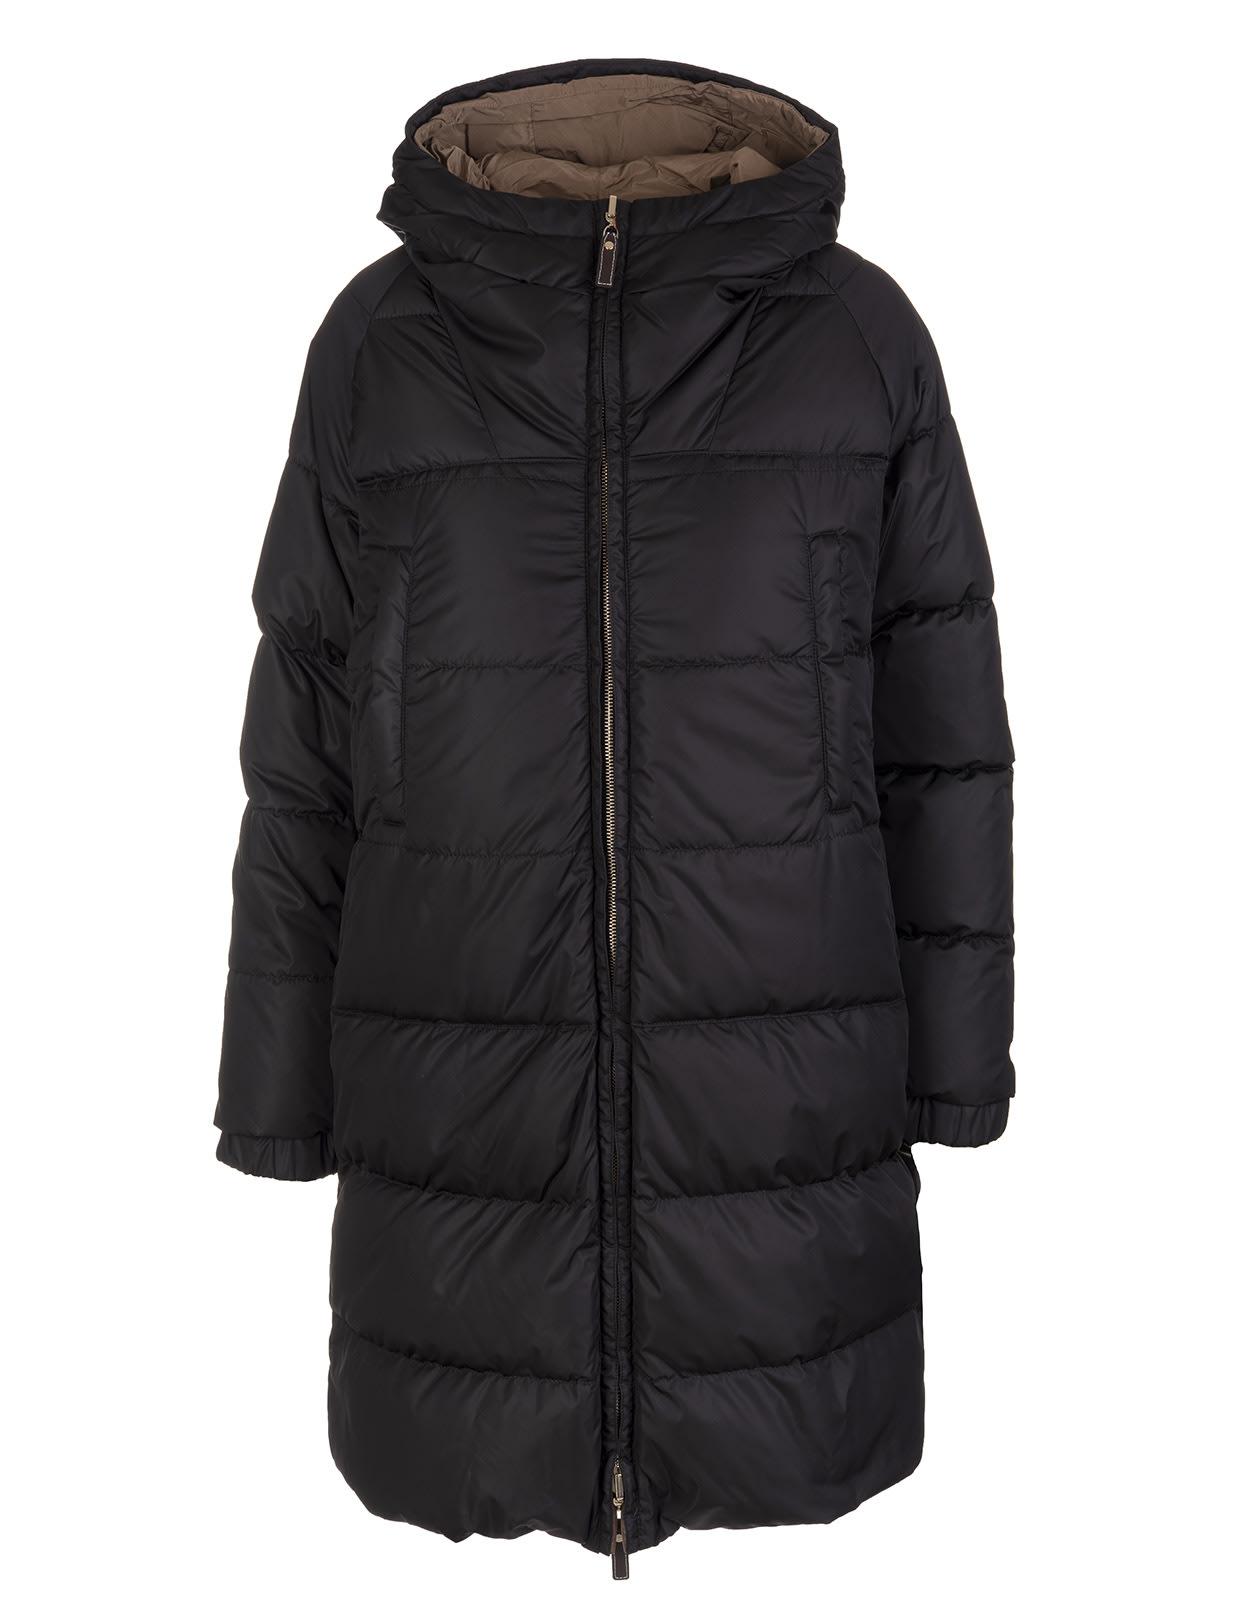 Black And Mud Reversible Sportl Medium Down Jacket